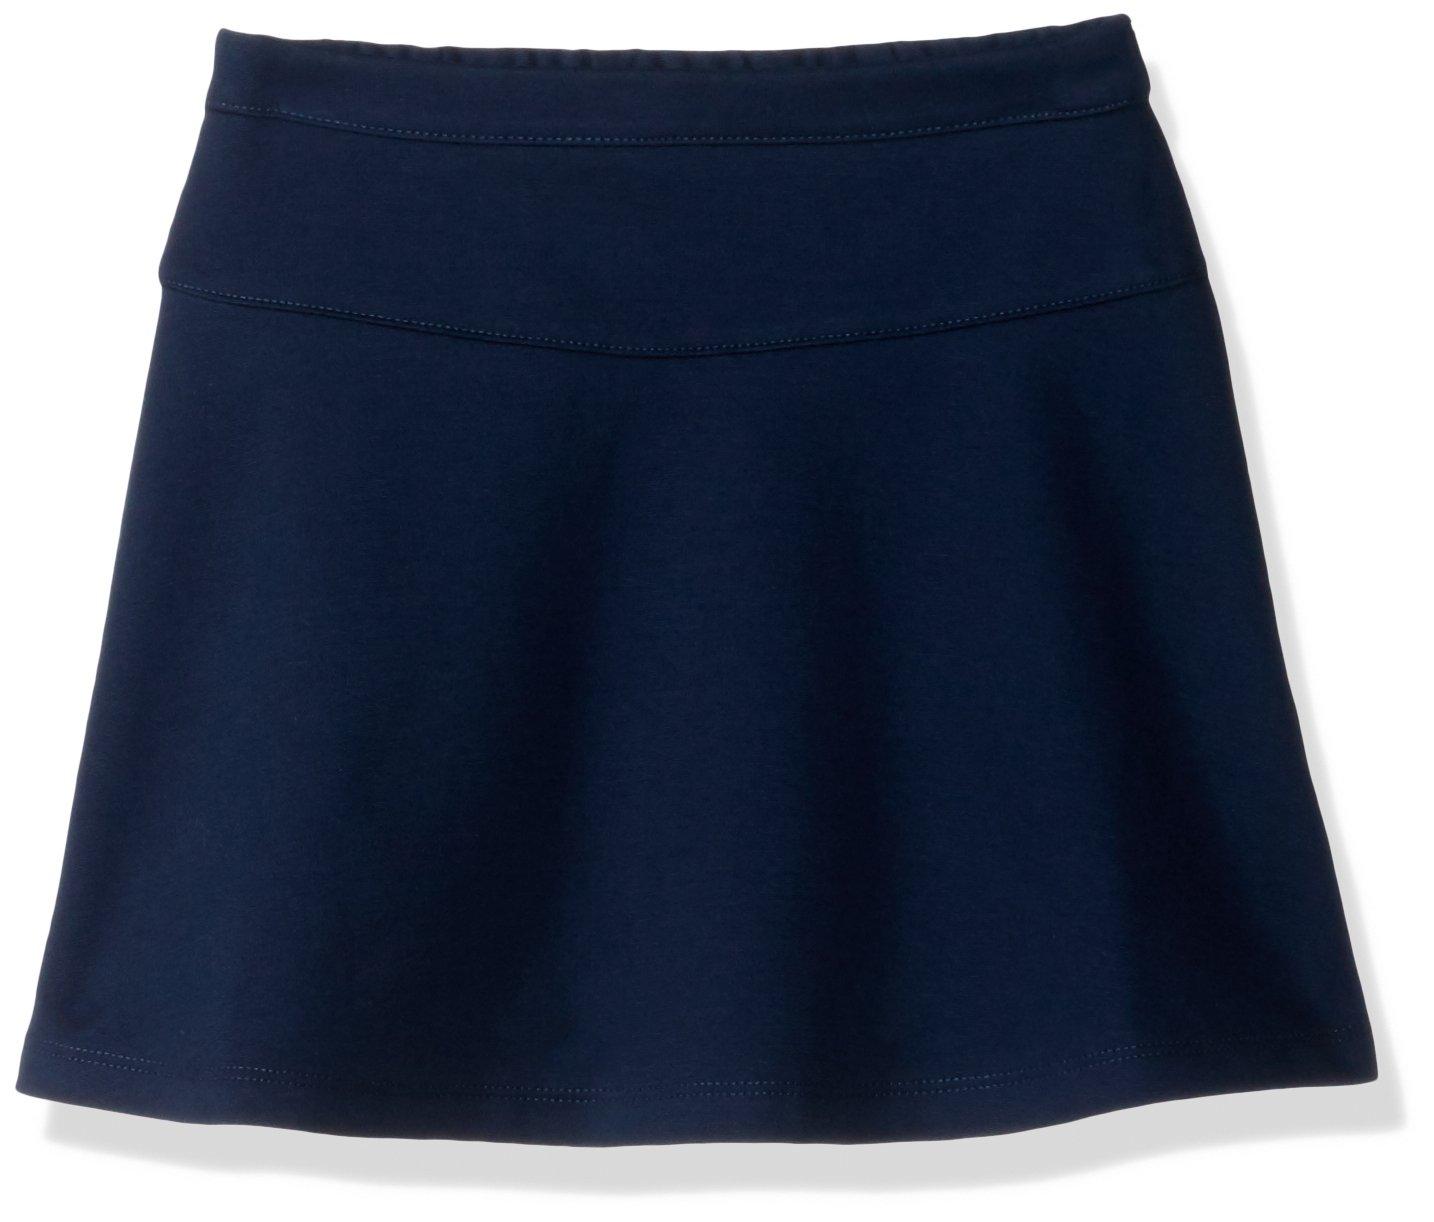 Gymboree Girls' Big Uniform Ponte Knit Skort, Navy, M